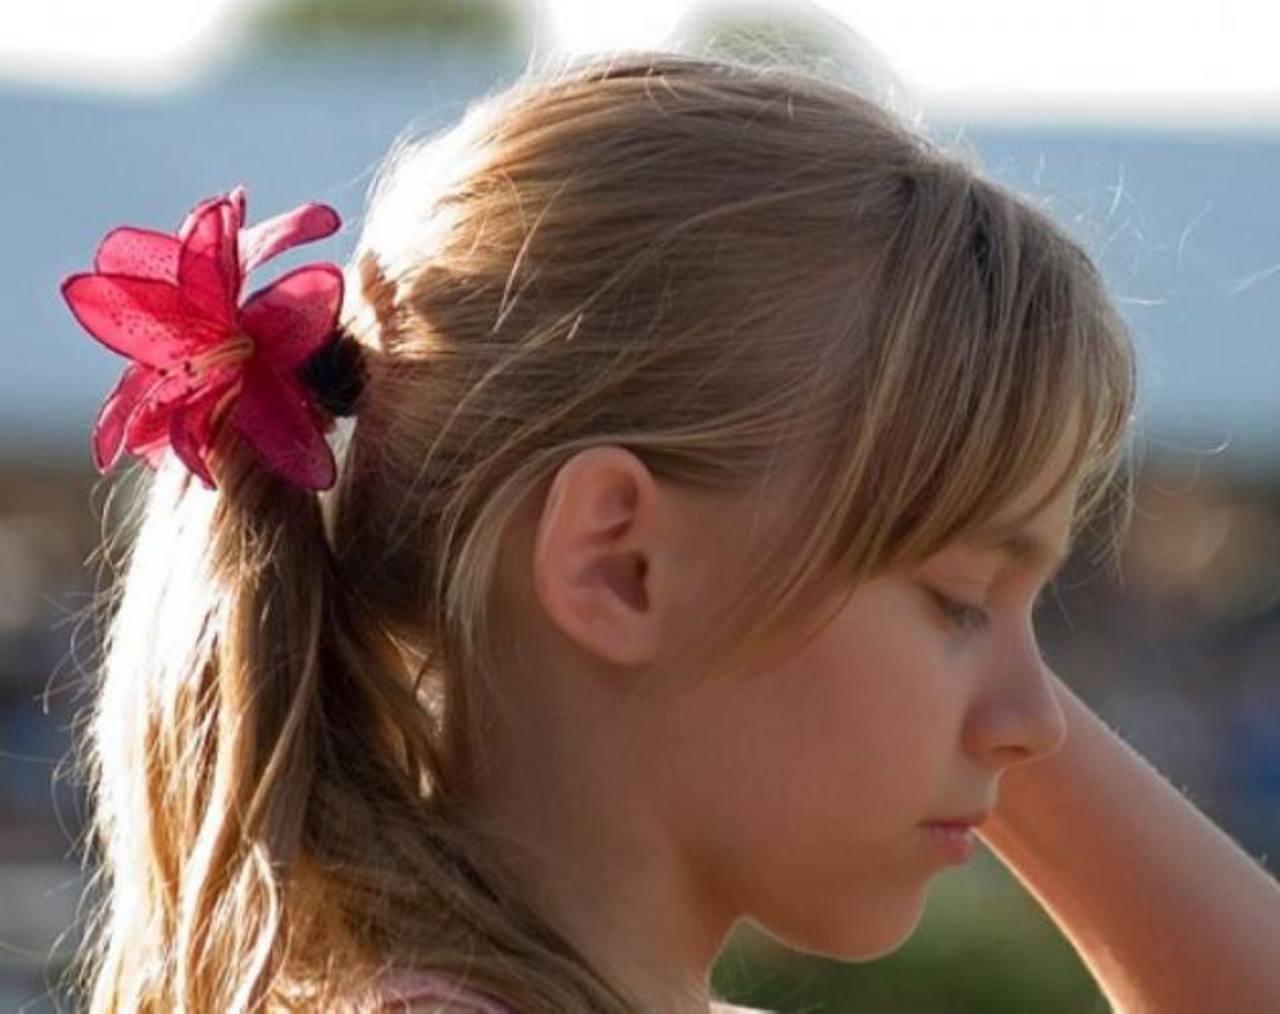 Mudarse afectaría mental-mente a los niños